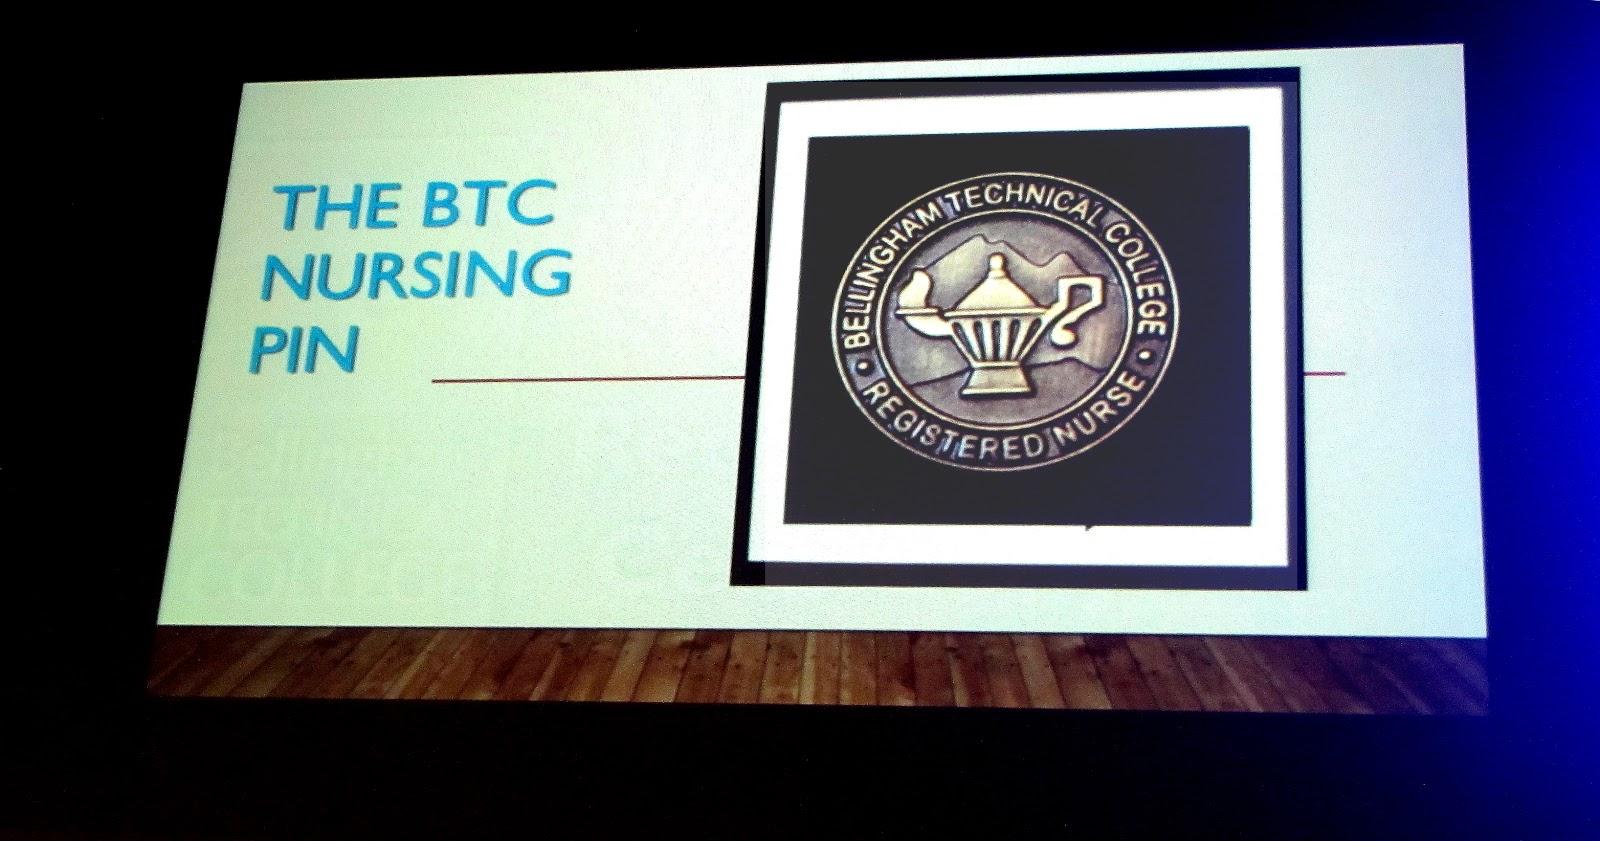 btc nursing